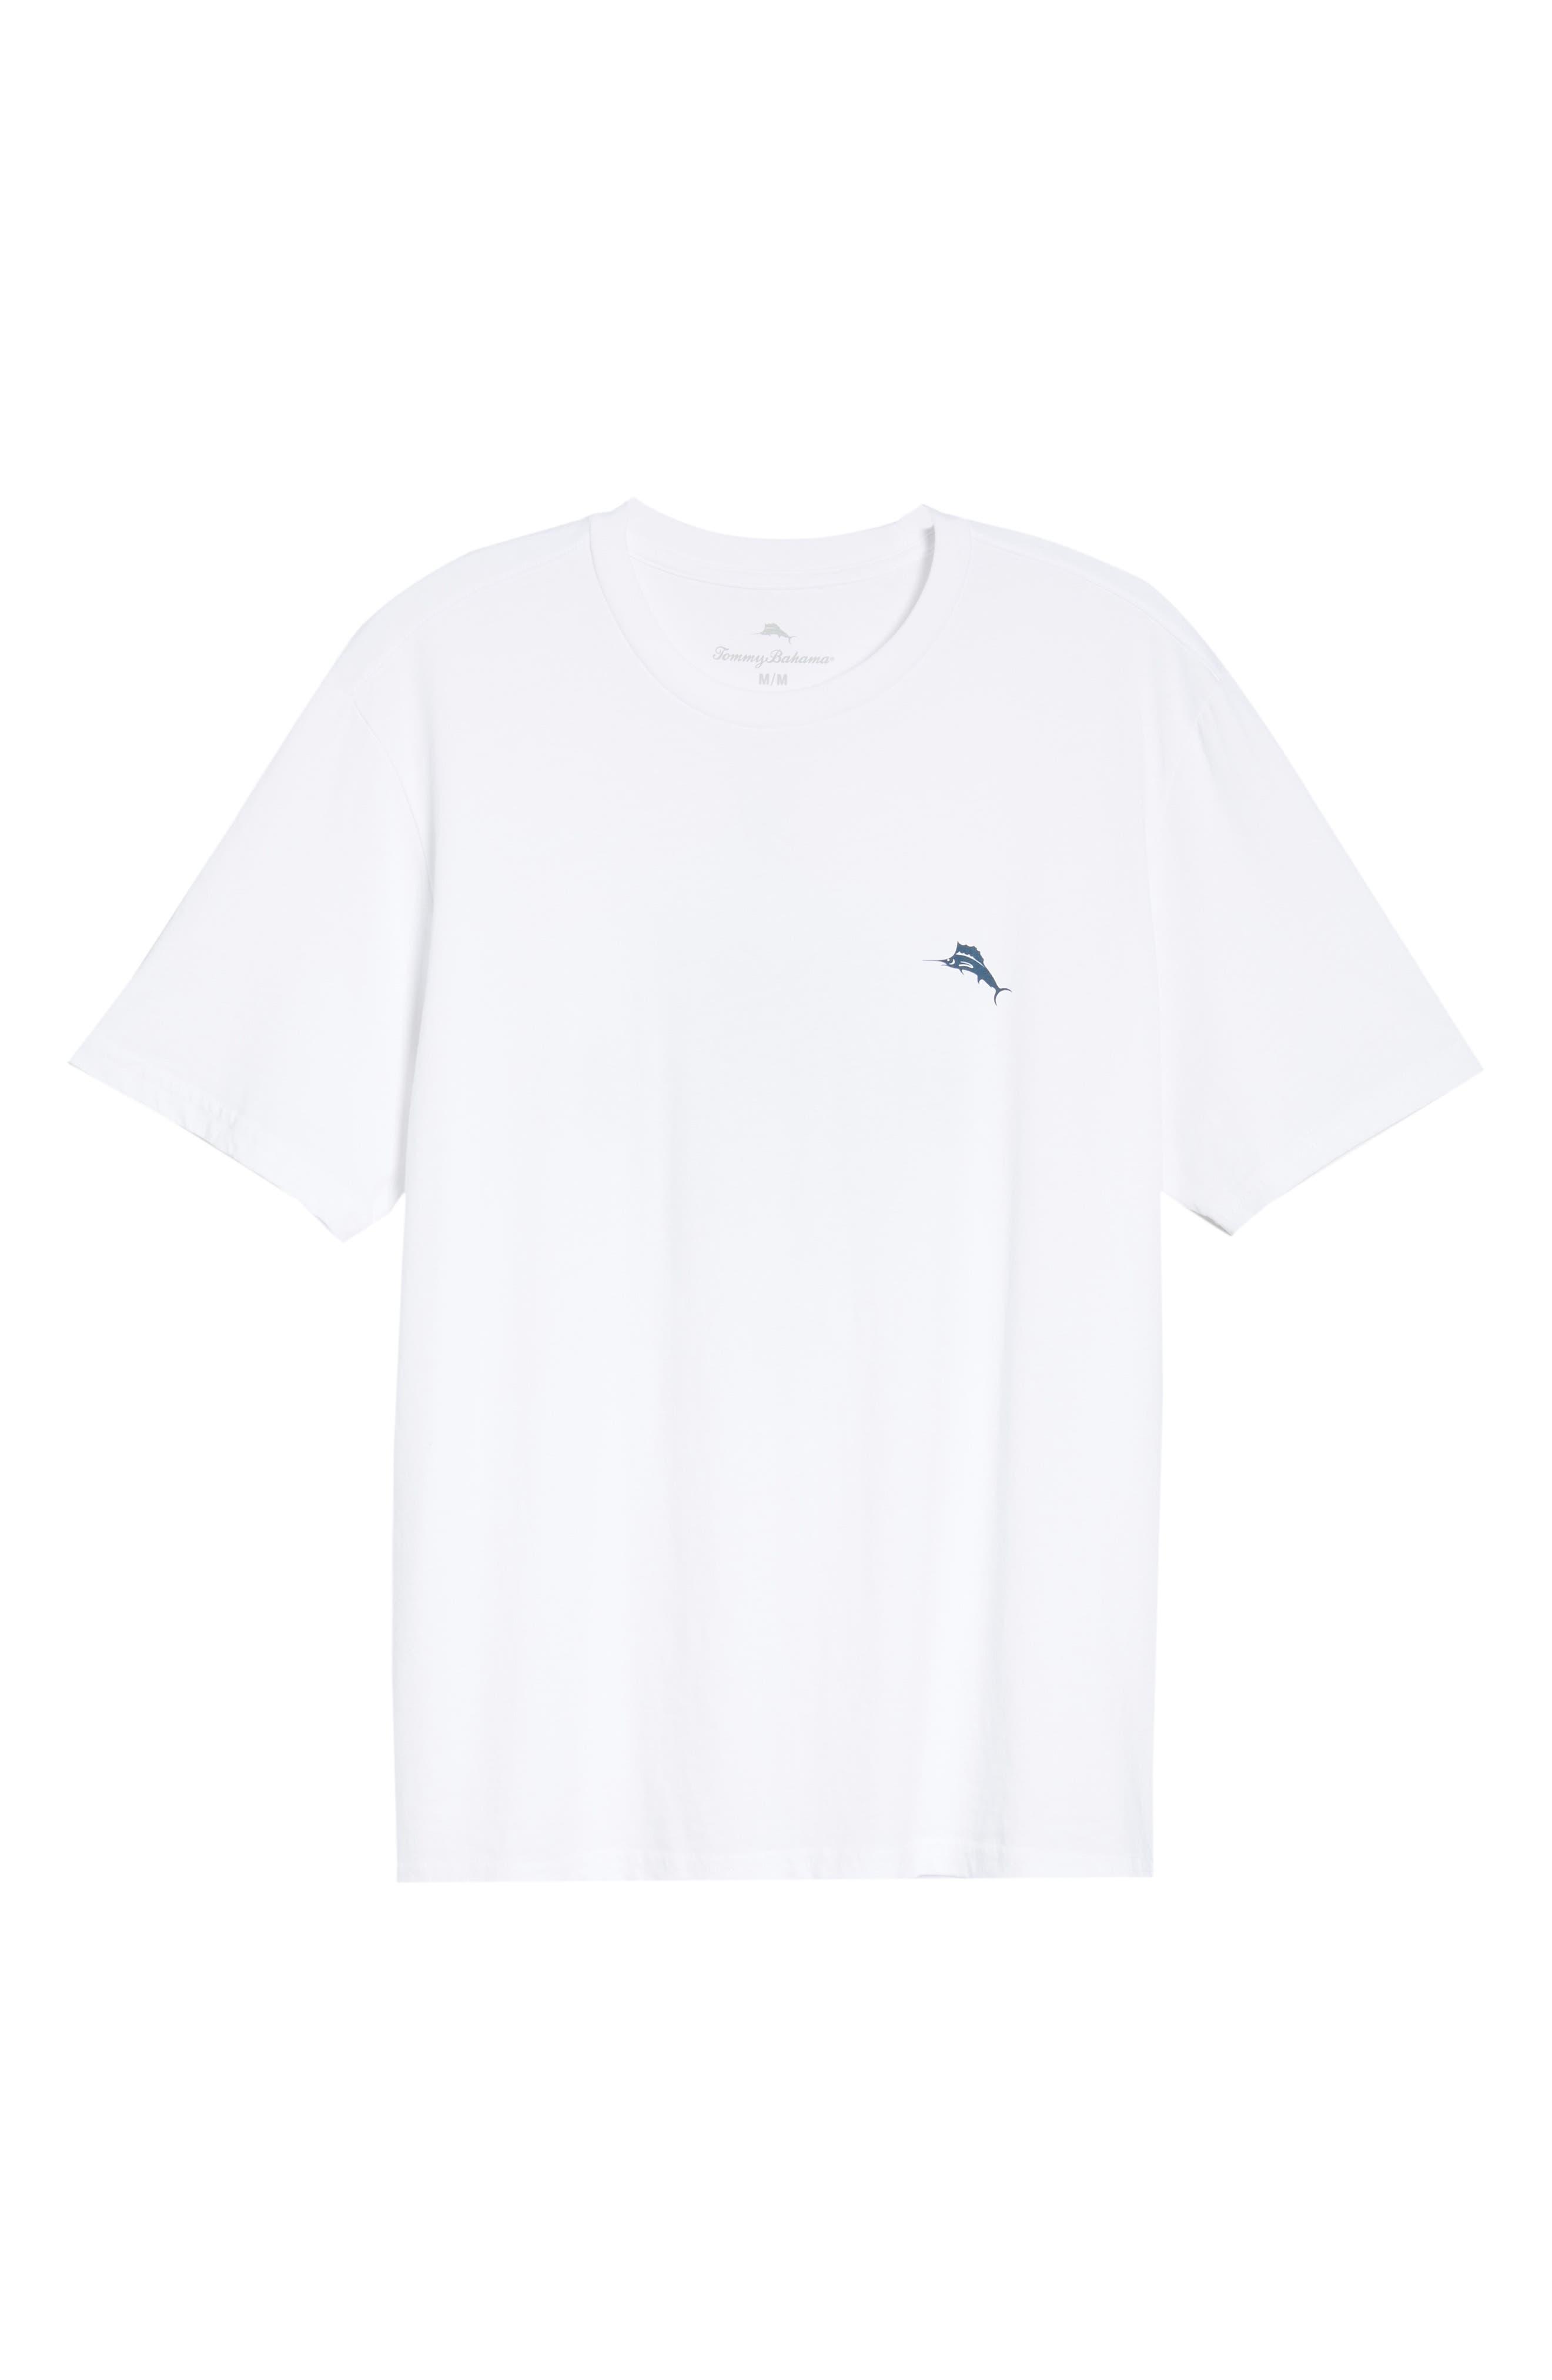 Diamond Cove T-Shirt,                             Alternate thumbnail 6, color,                             100